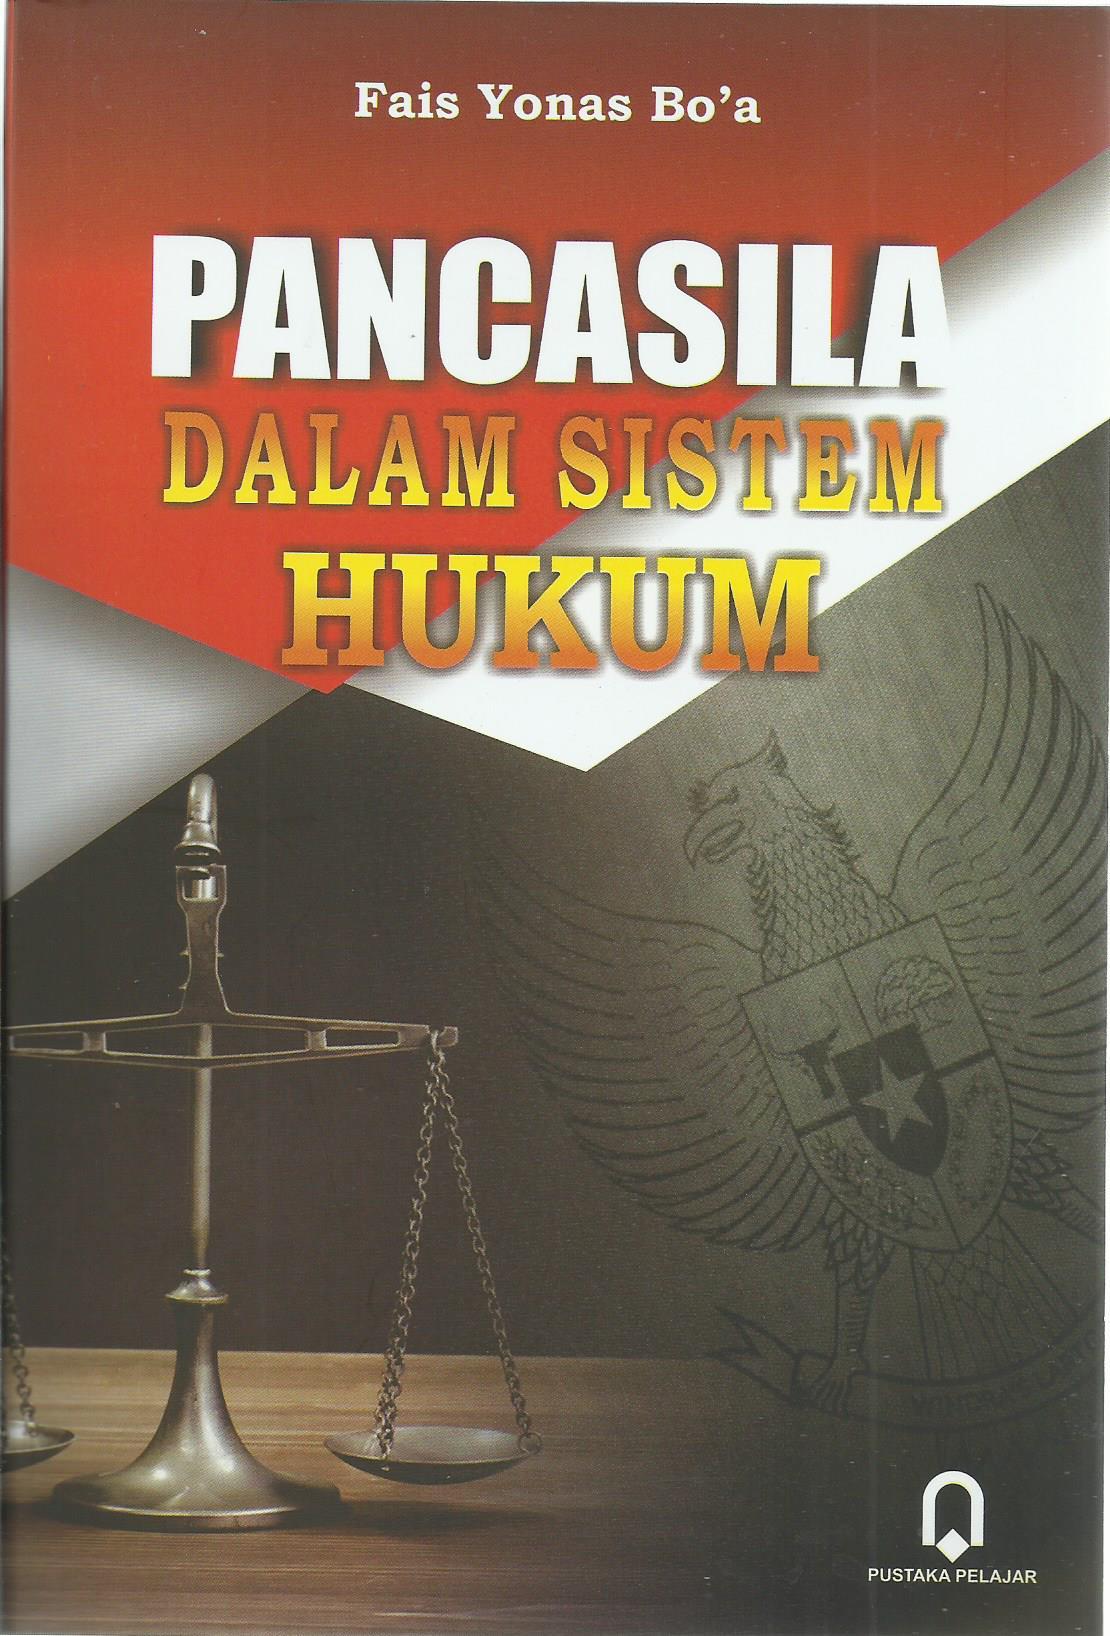 Pancasila Dalam Sistem Hukum